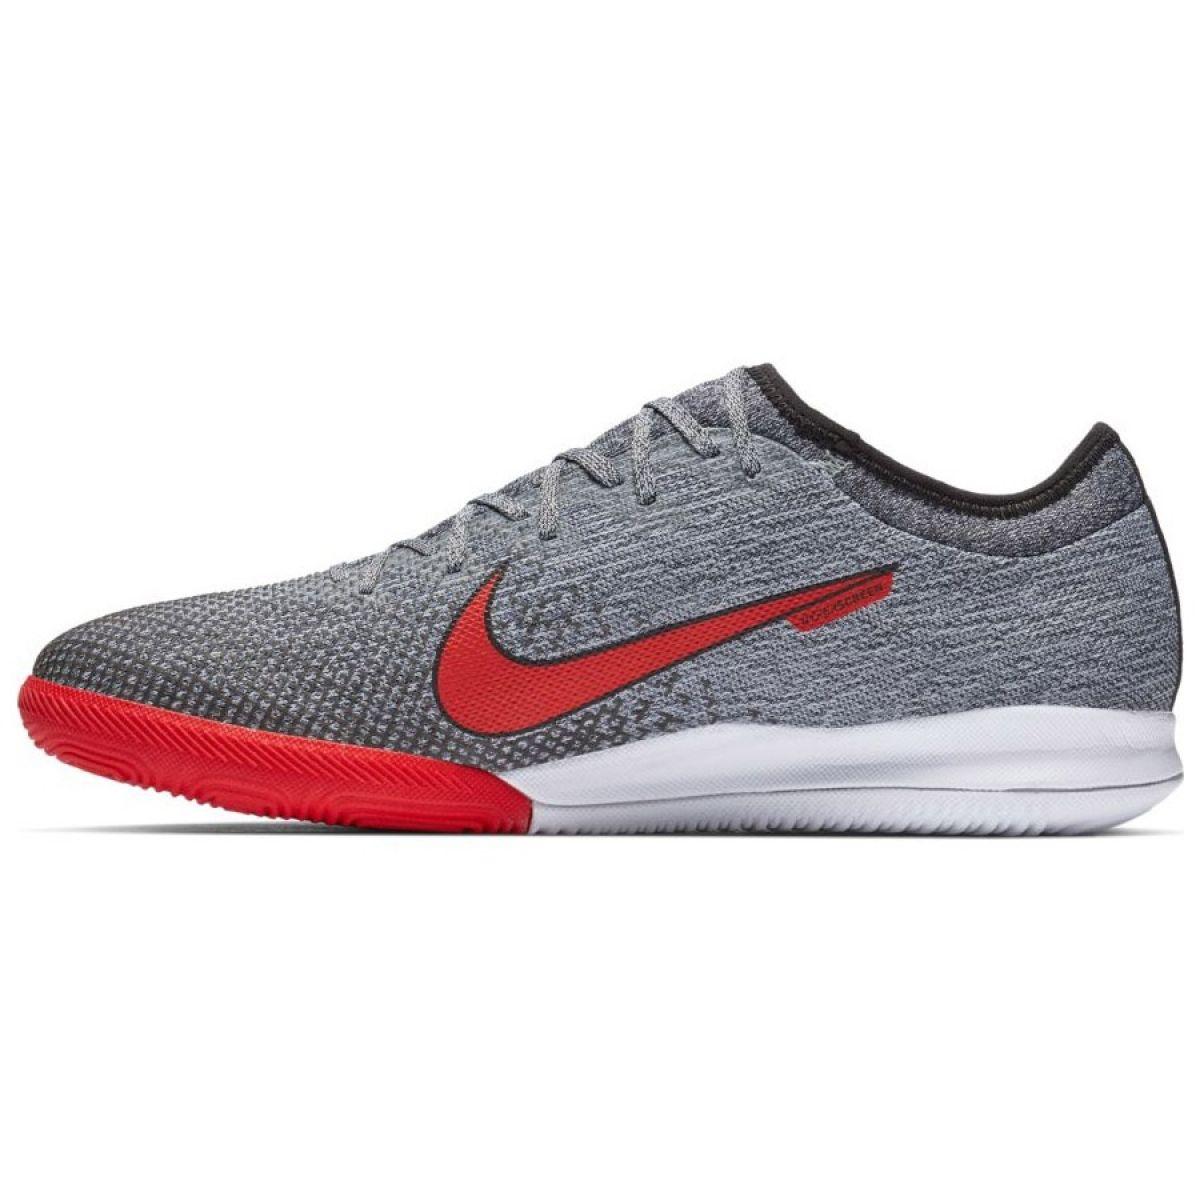 Nike Mercurial Vapor 12 zapatos de interior Neymar Pro Ic M AO4496 170 gris gris plata